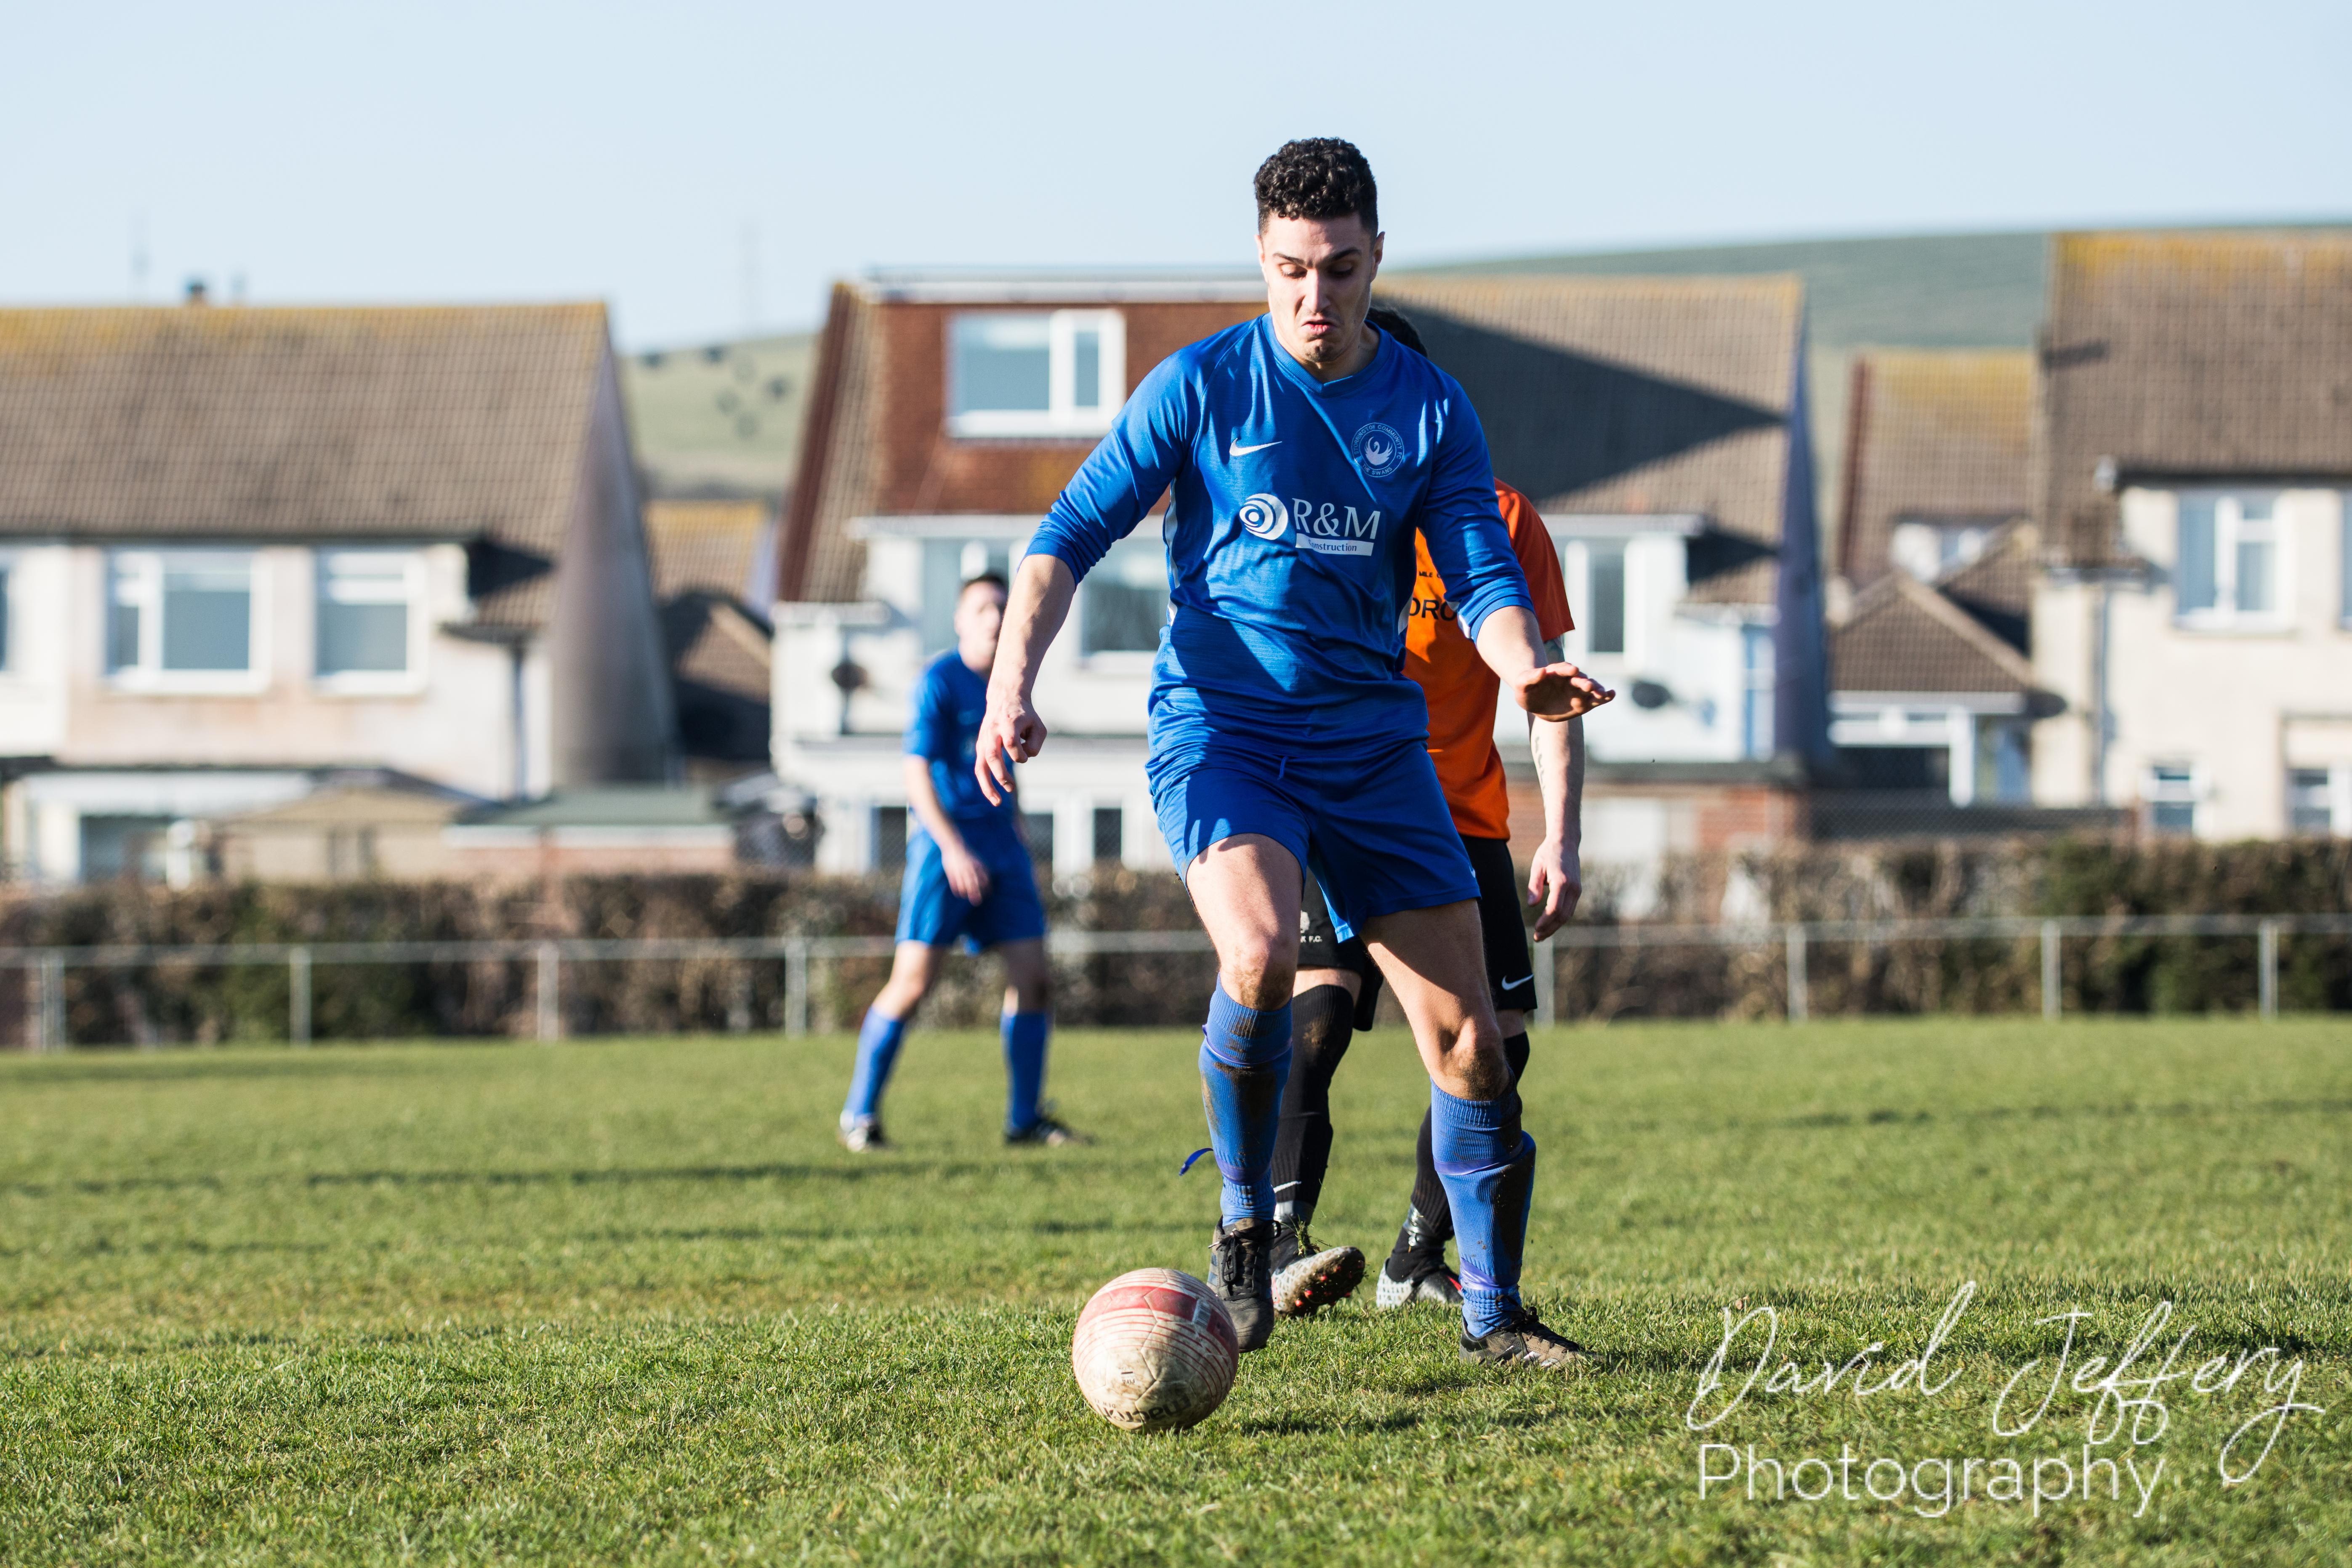 DAVID_JEFFERY MOFC vs Storrington 031